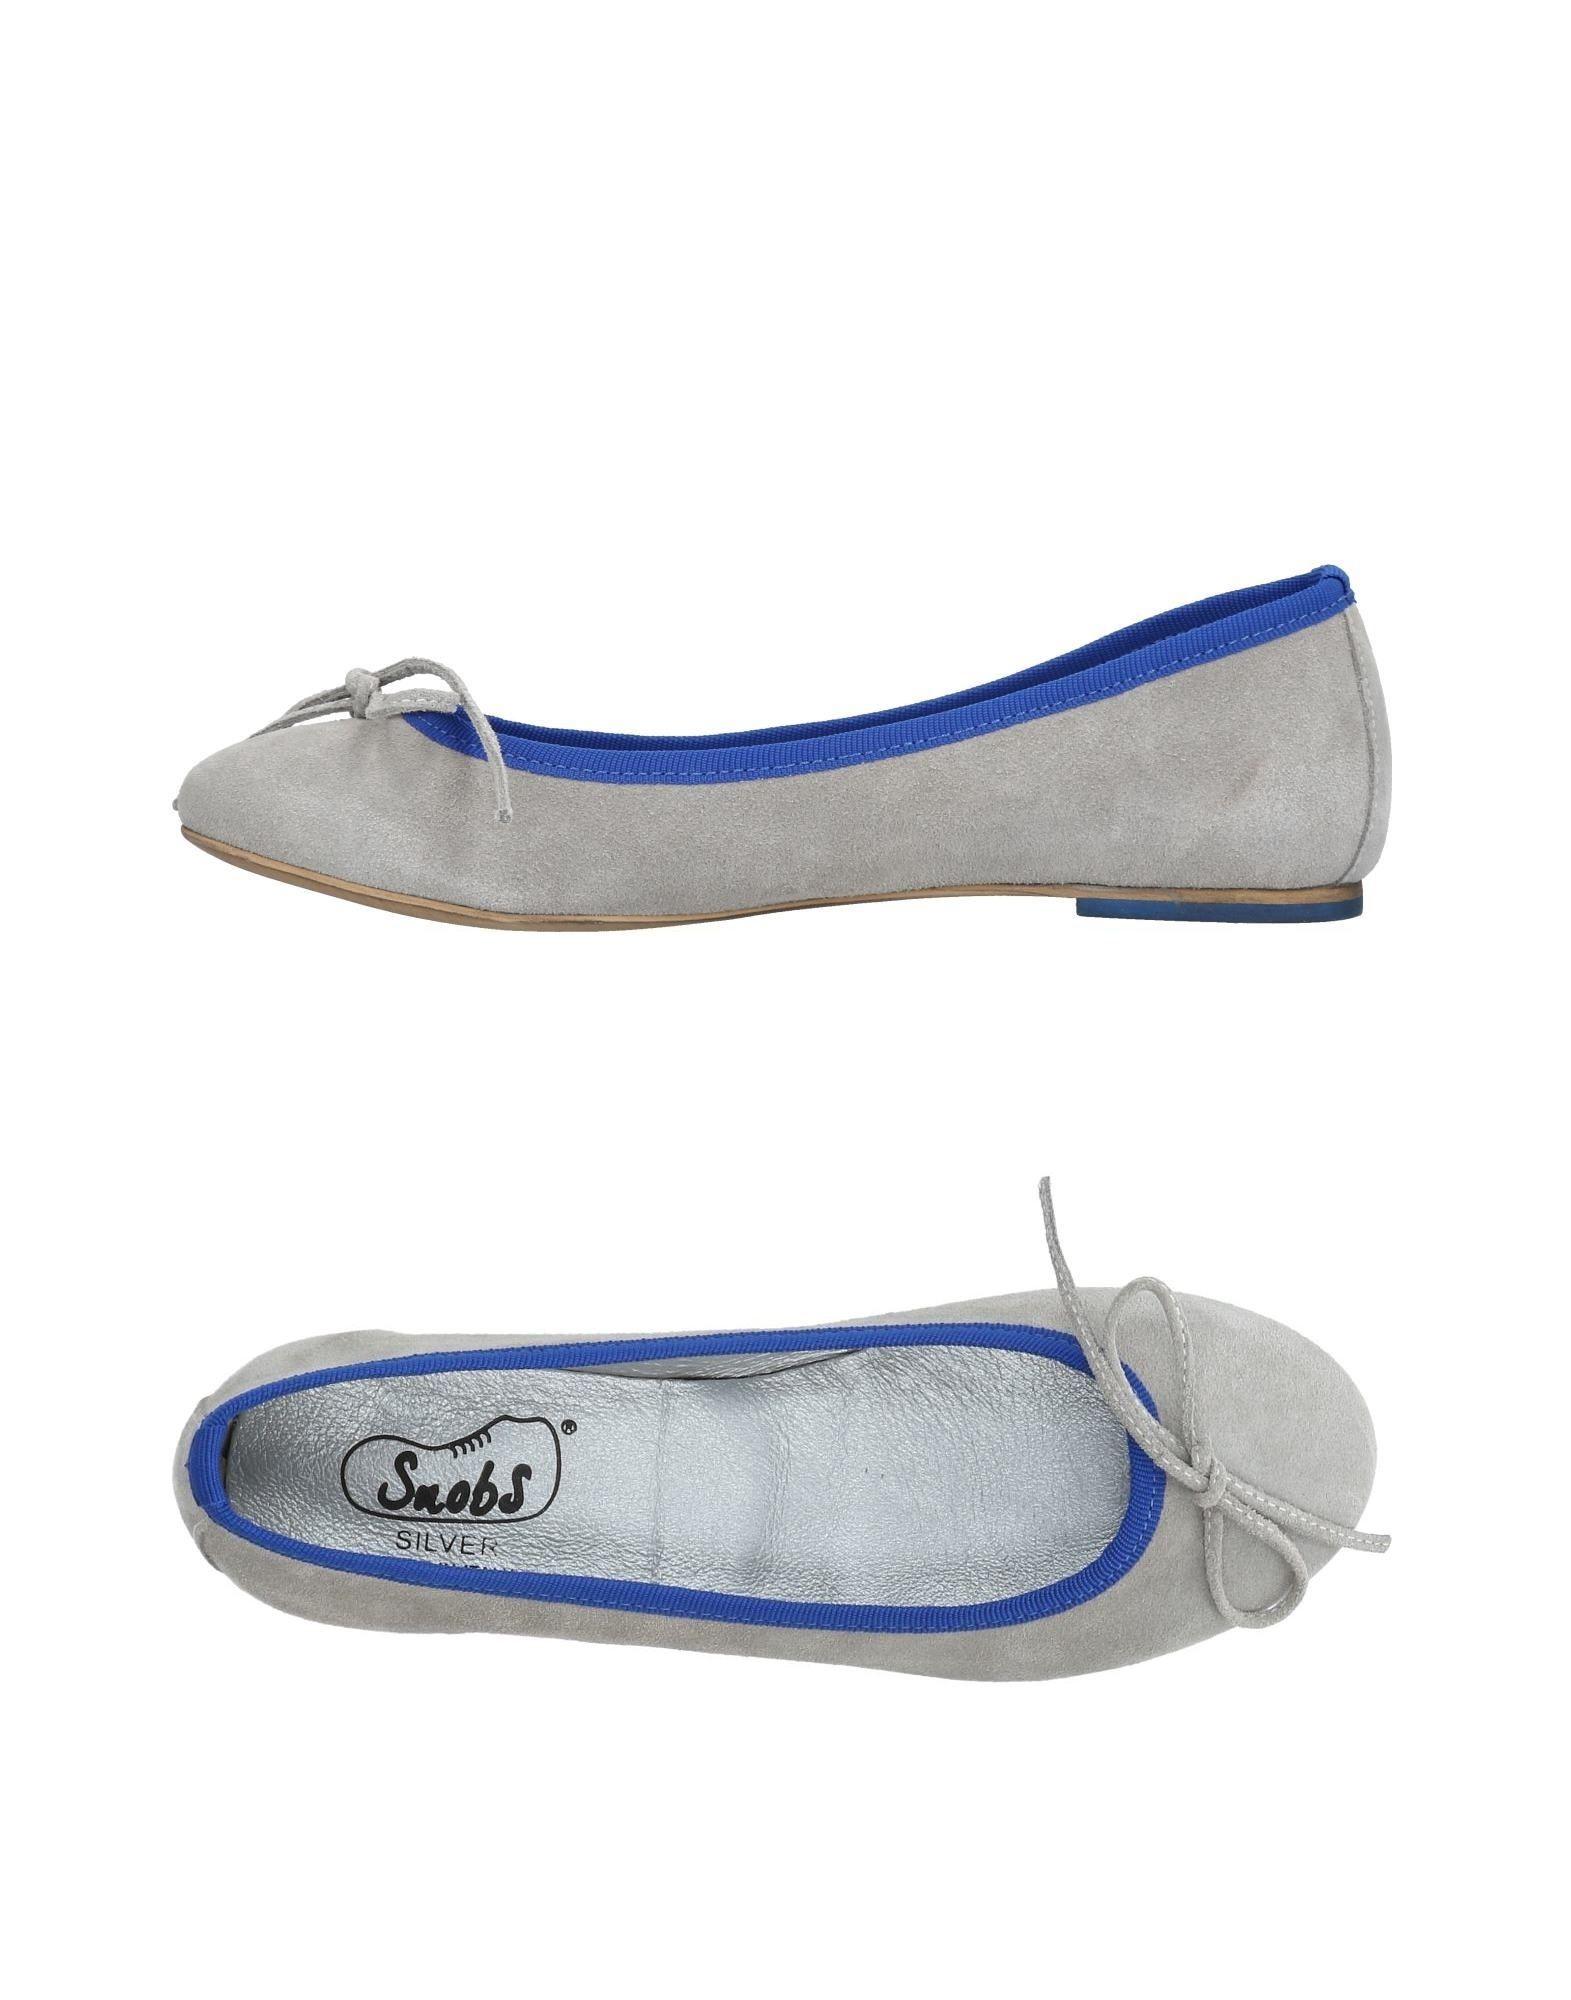 Günstige und modische Schuhe Snobs® Ballerinas Damen  11457537WW